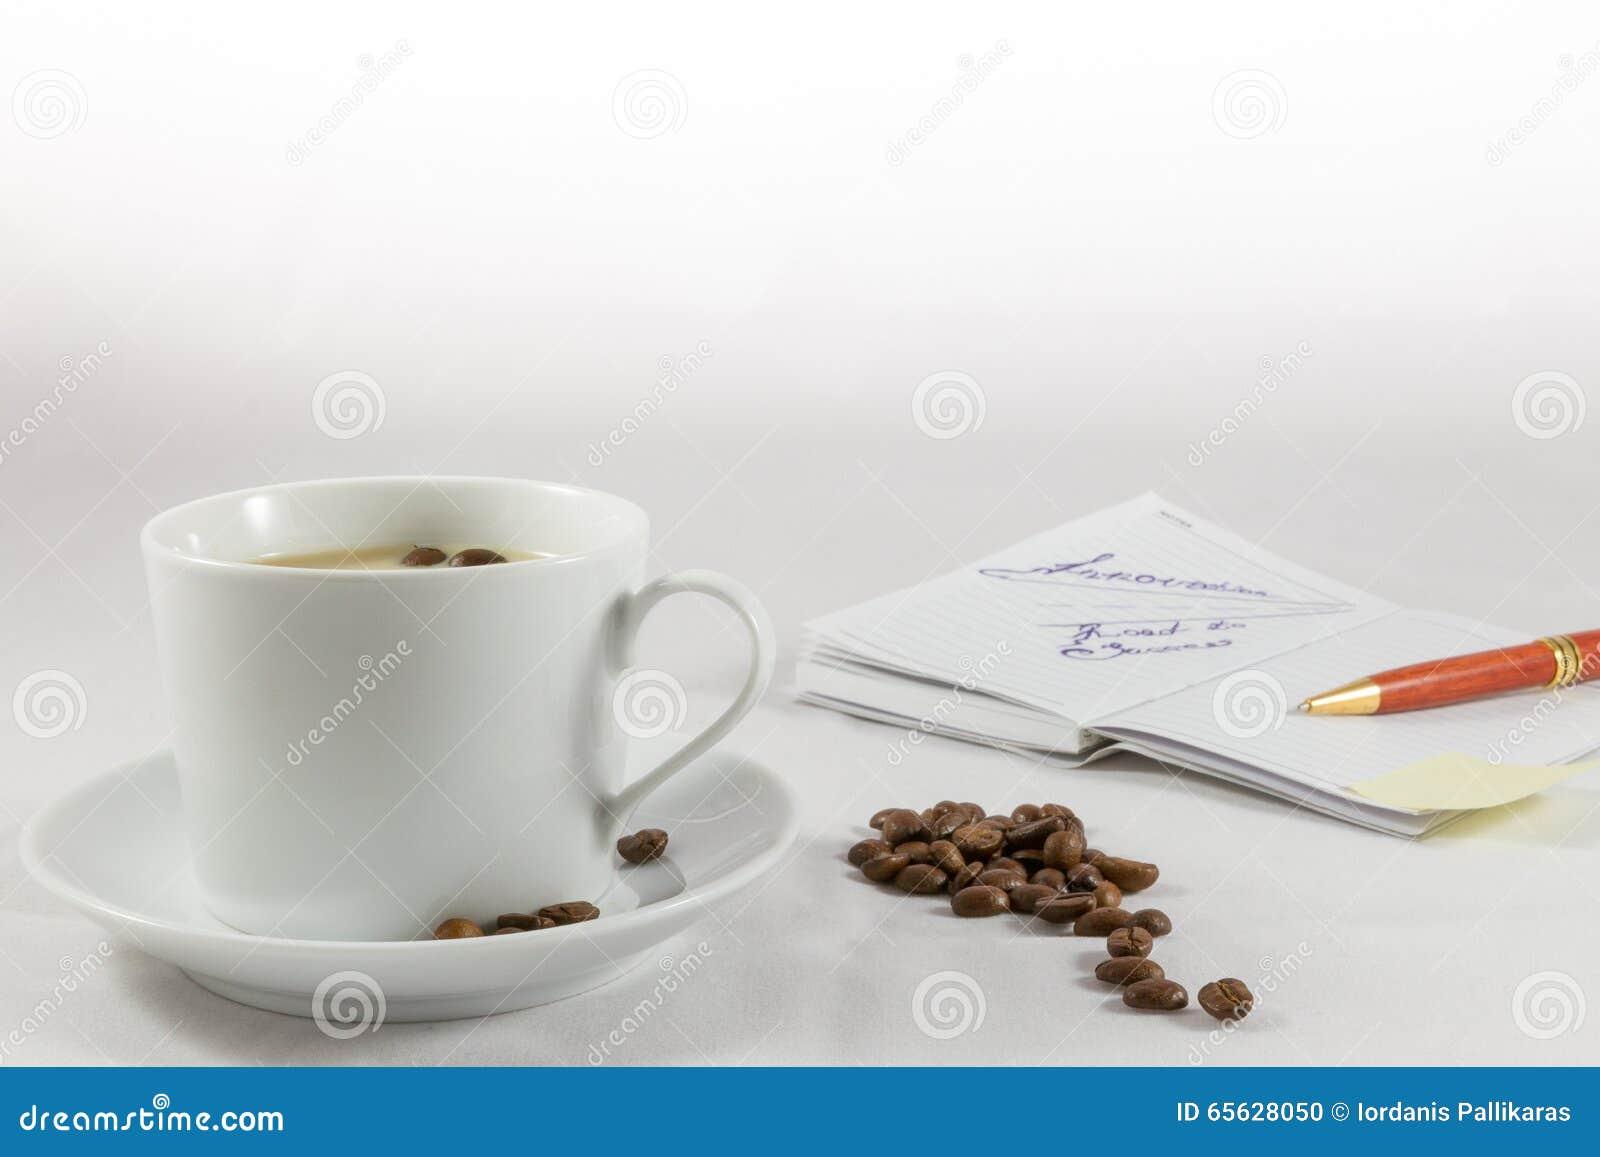 Tasse de café, carnet, stylo et grains de café sur le fond blanc